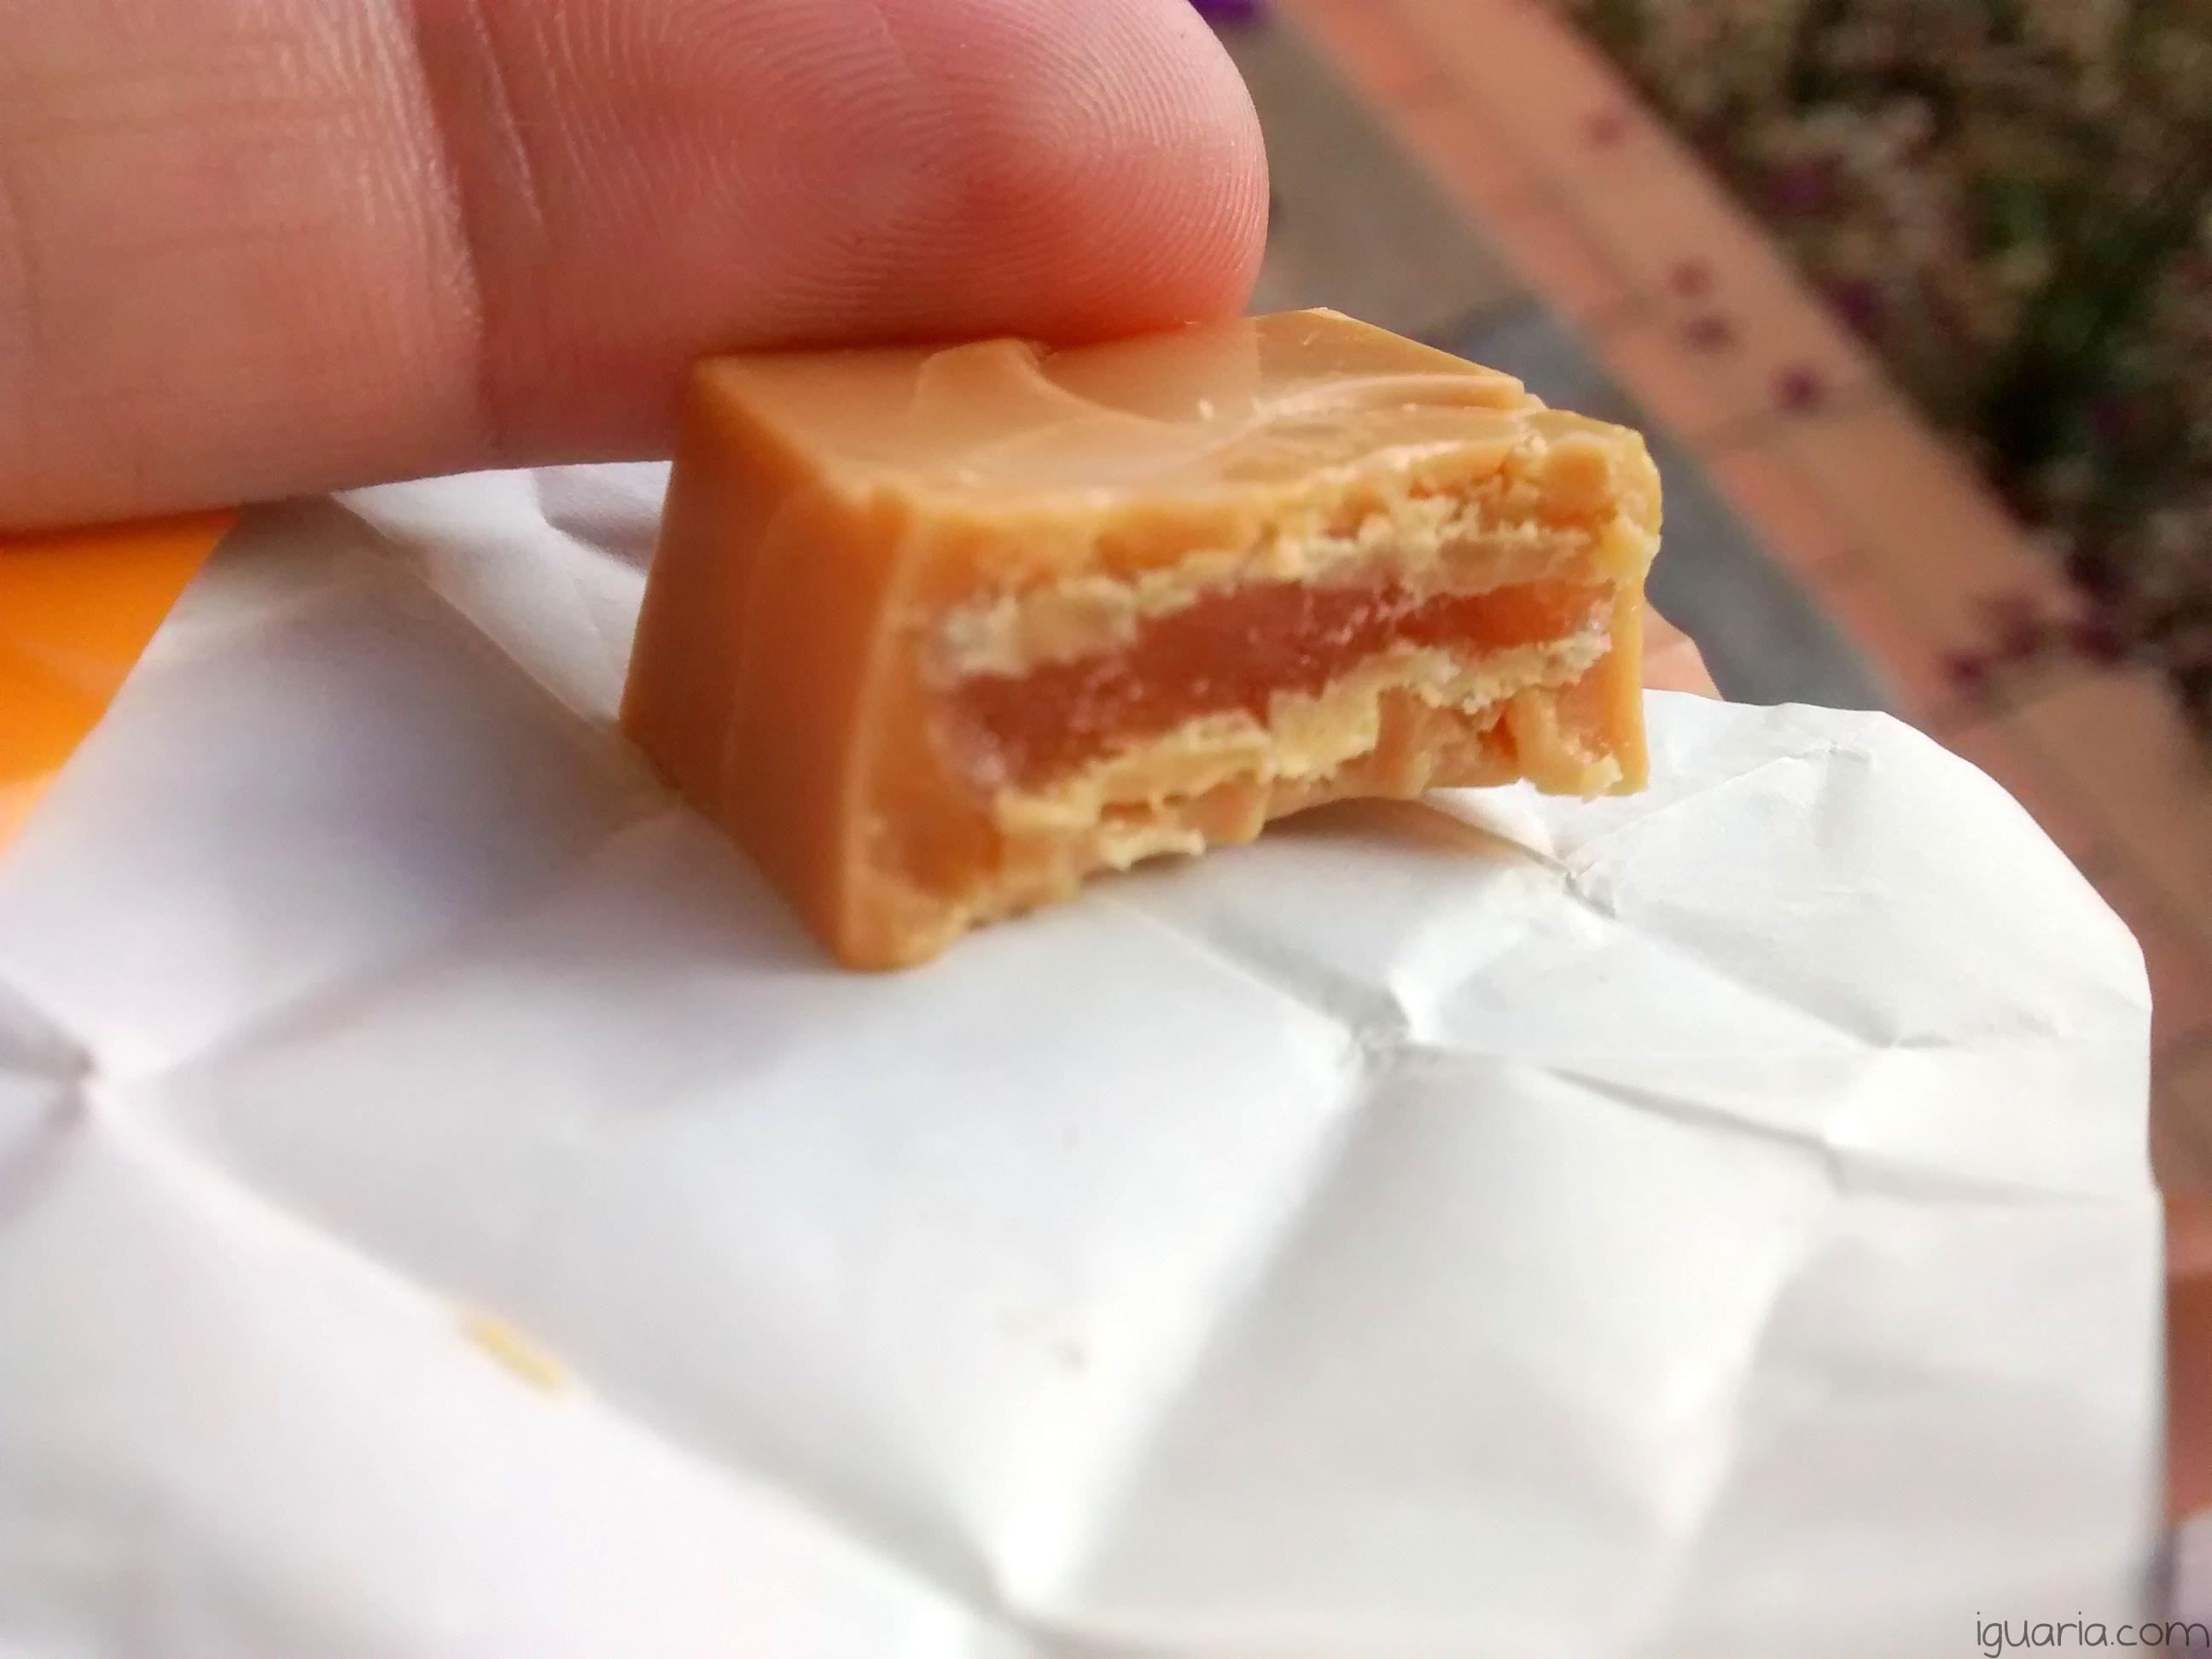 Iguaria_Interior-Chocolate-Amendoim